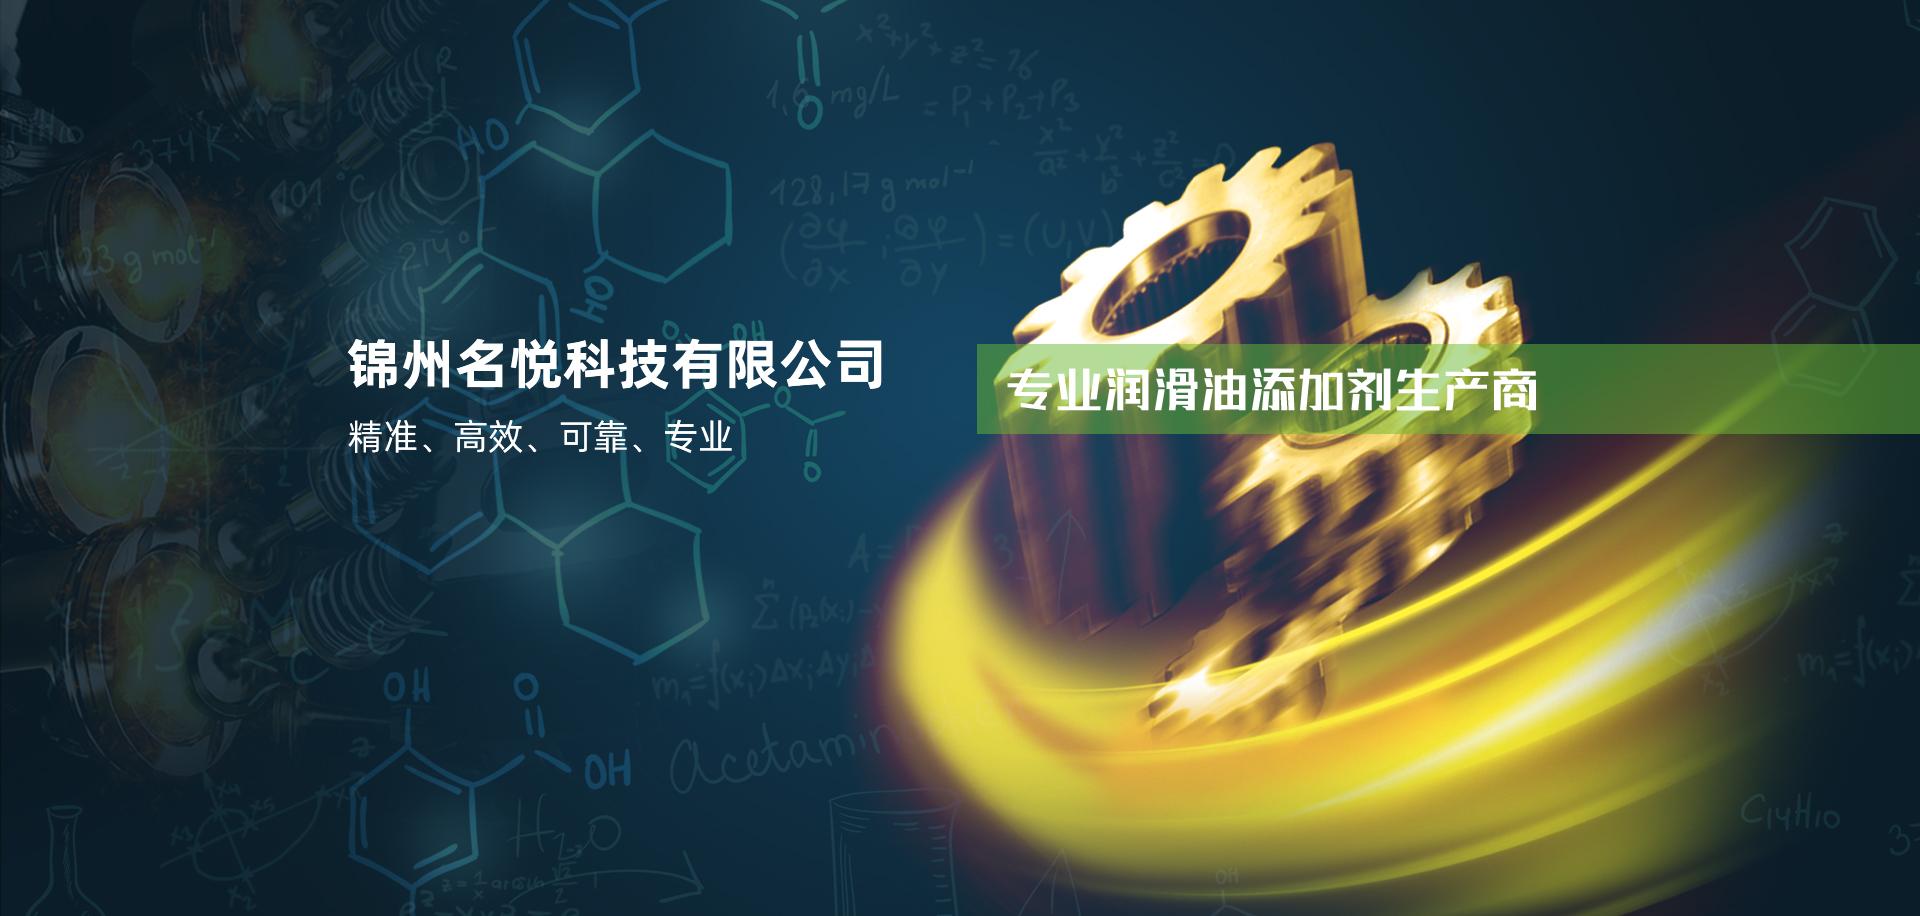 润滑油复合添加剂厂家